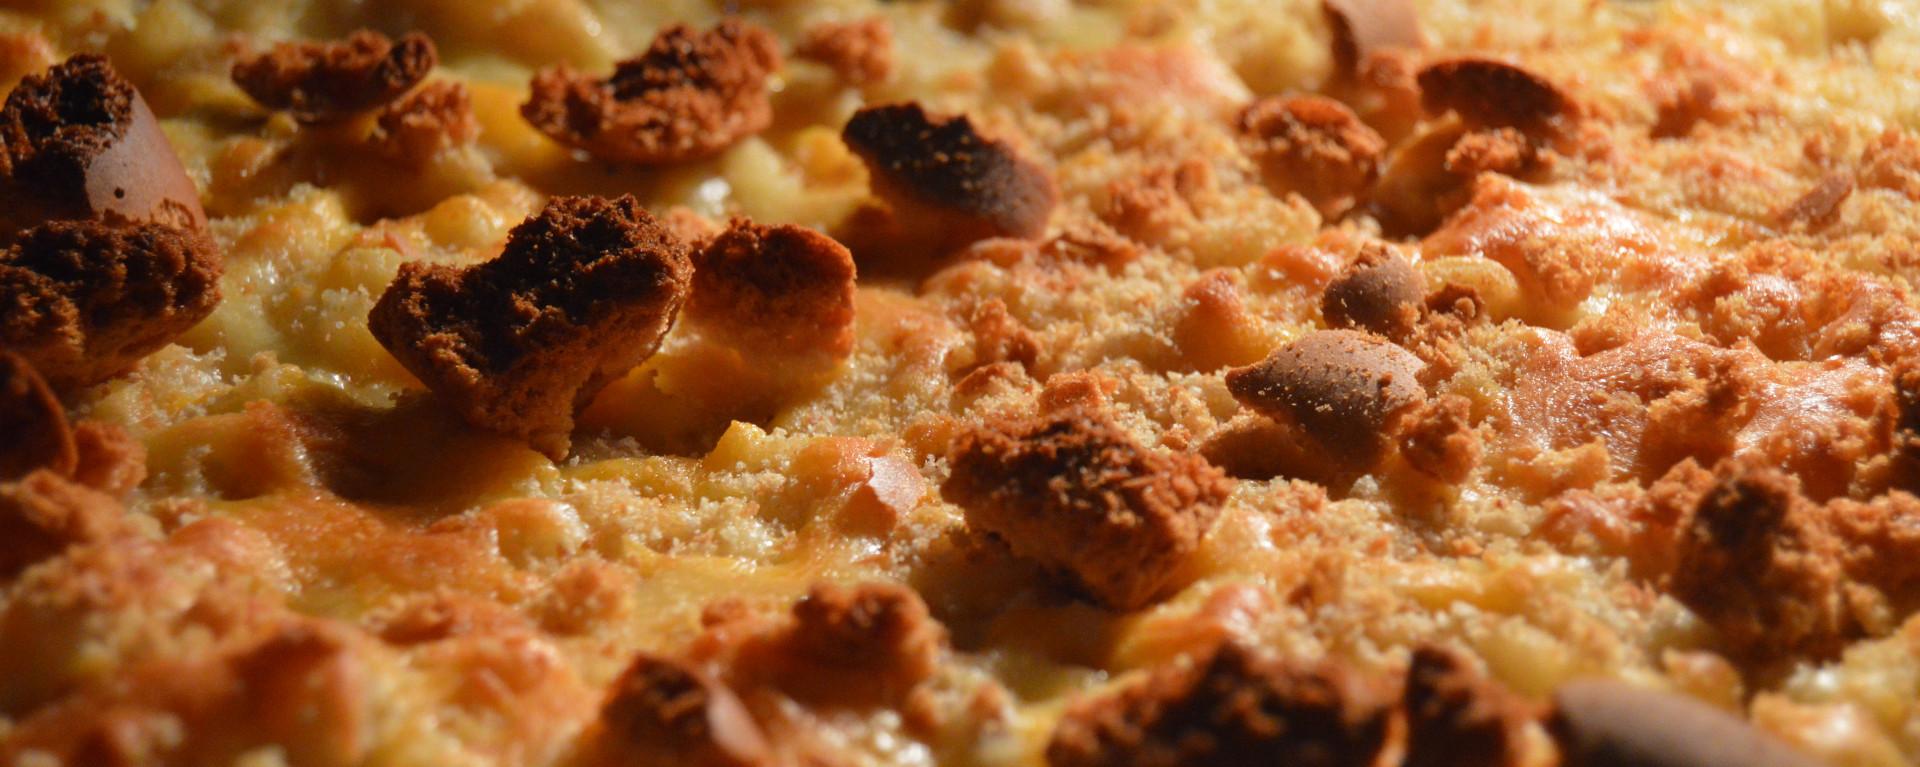 Norwegian Fishy Mac & Cheese